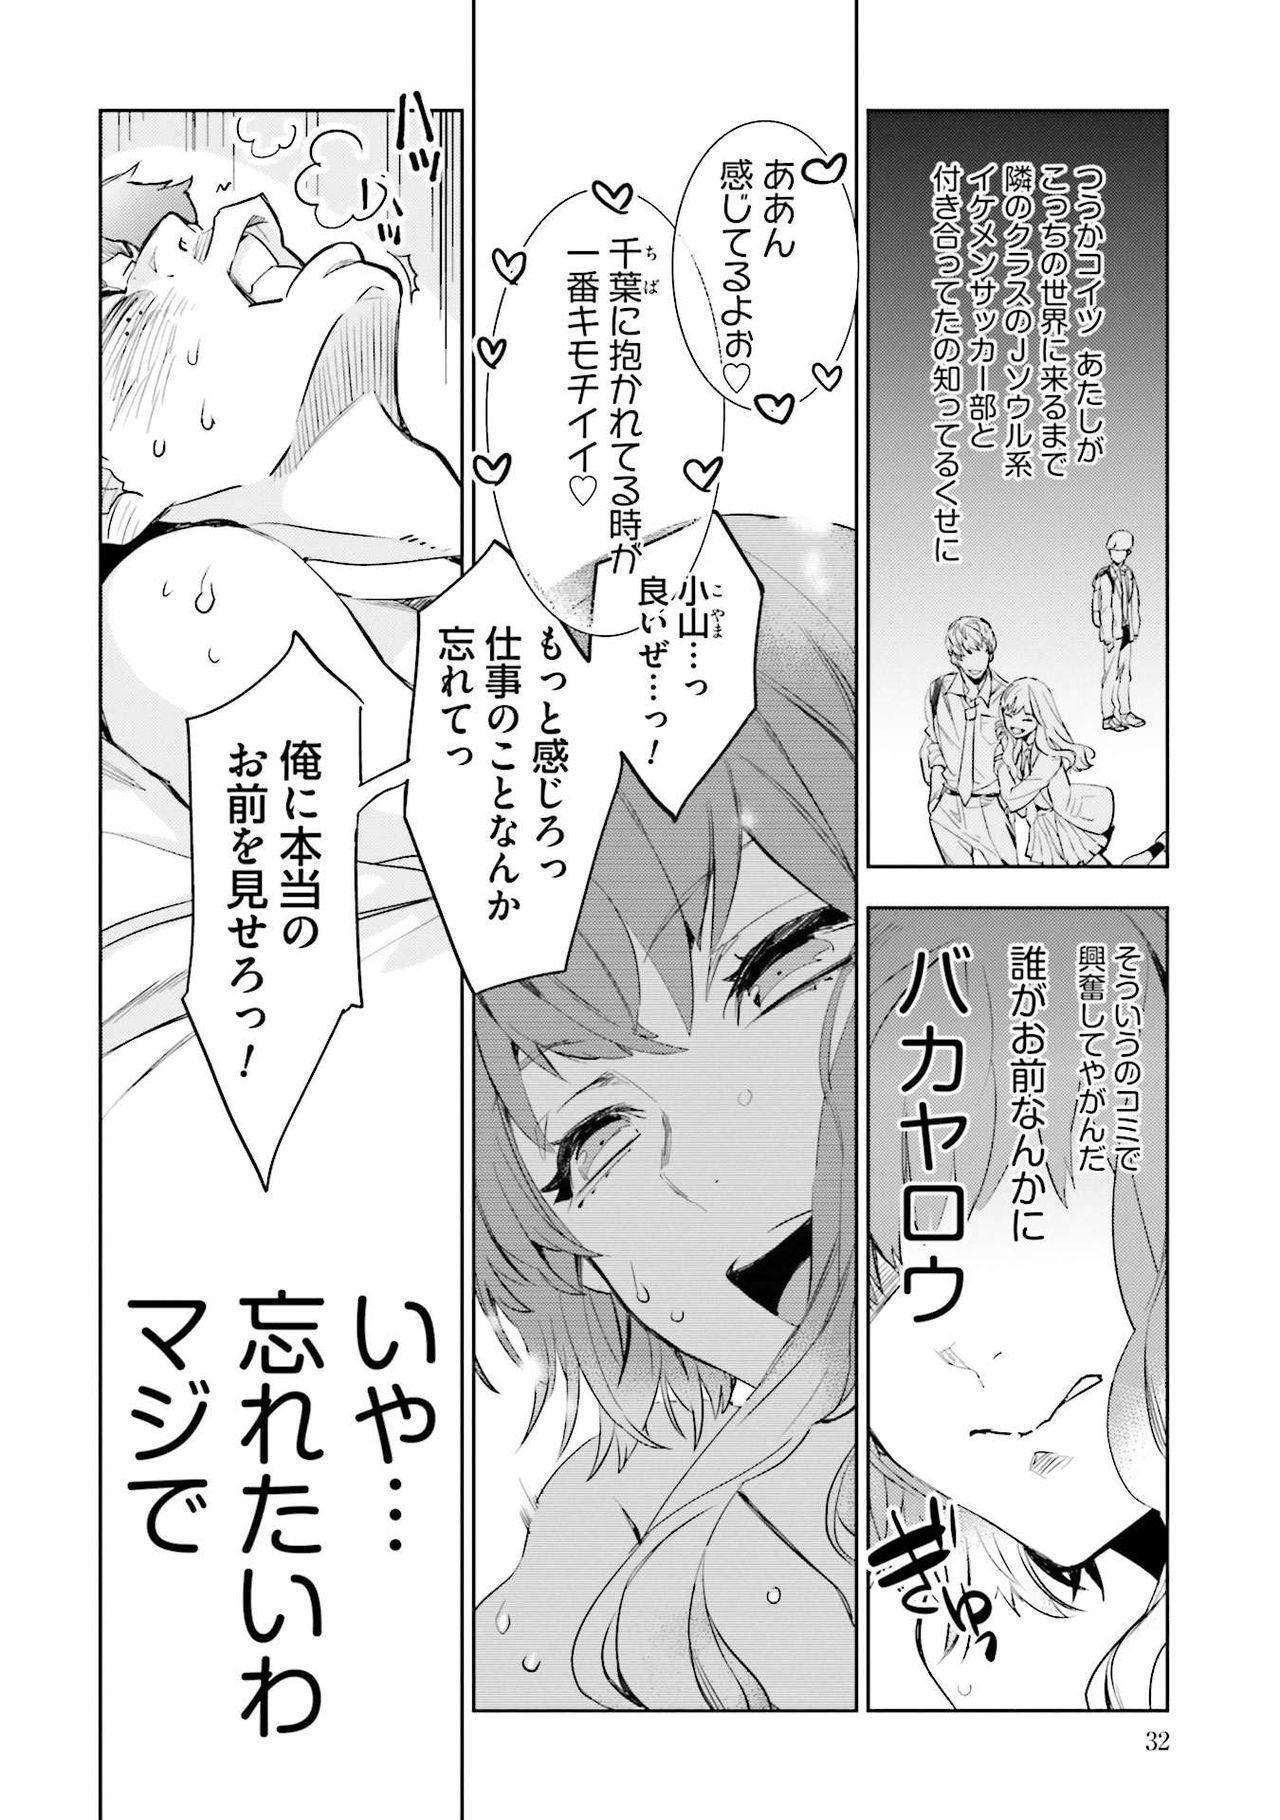 JK Haru wa Isekai de Shoufu ni Natta 1-14 33